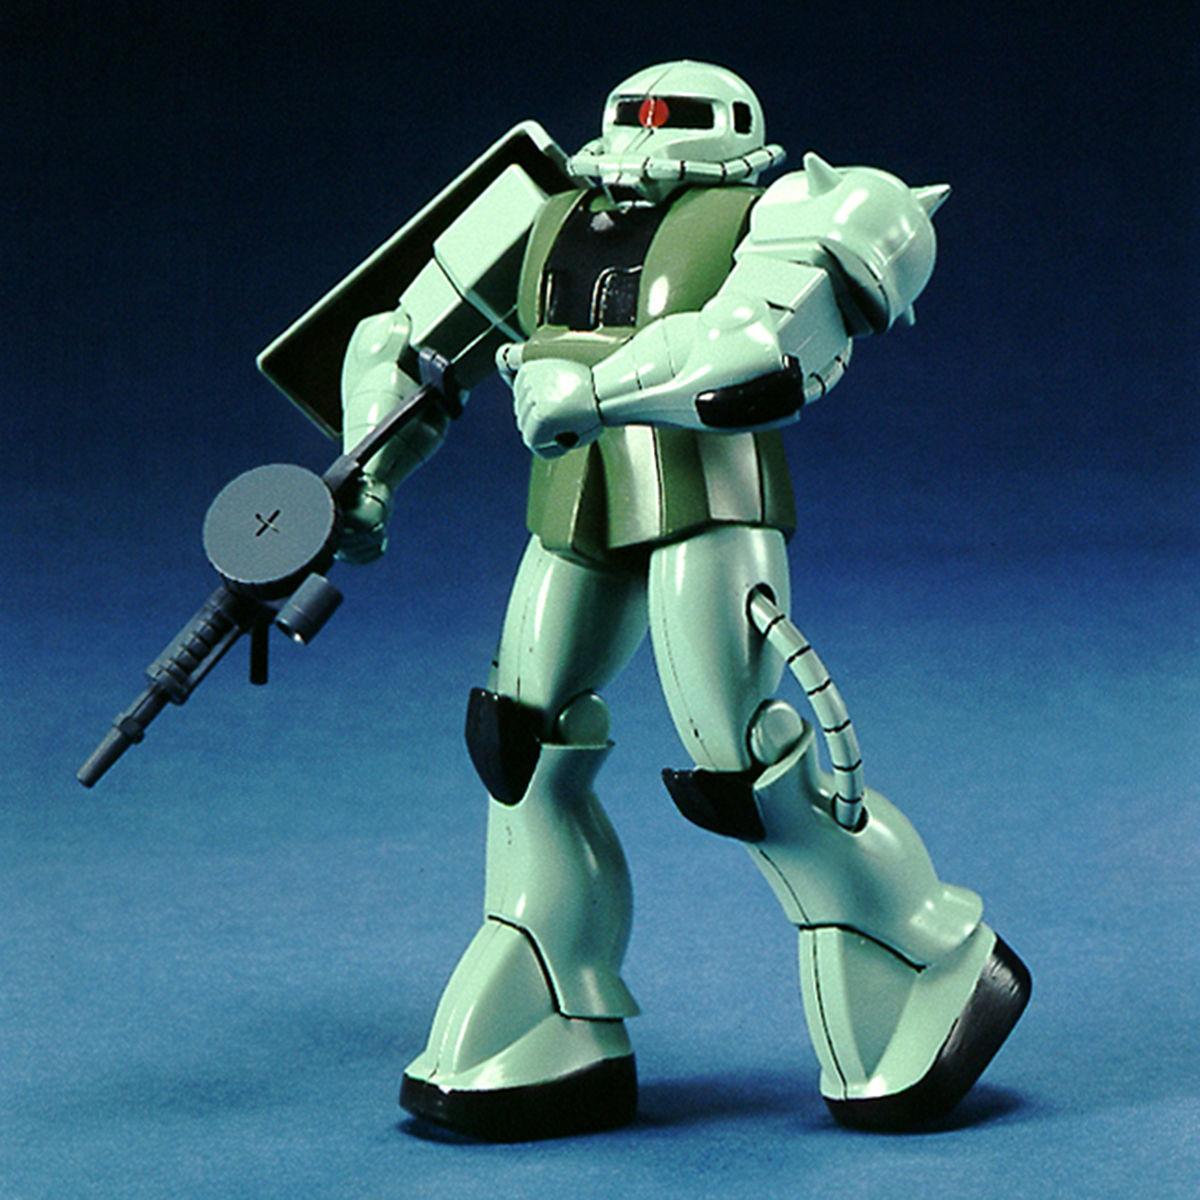 旧キット ベストメカコレクション 1/144 MS-06 量産型ザク [Best Mecha Collection Zaku II]